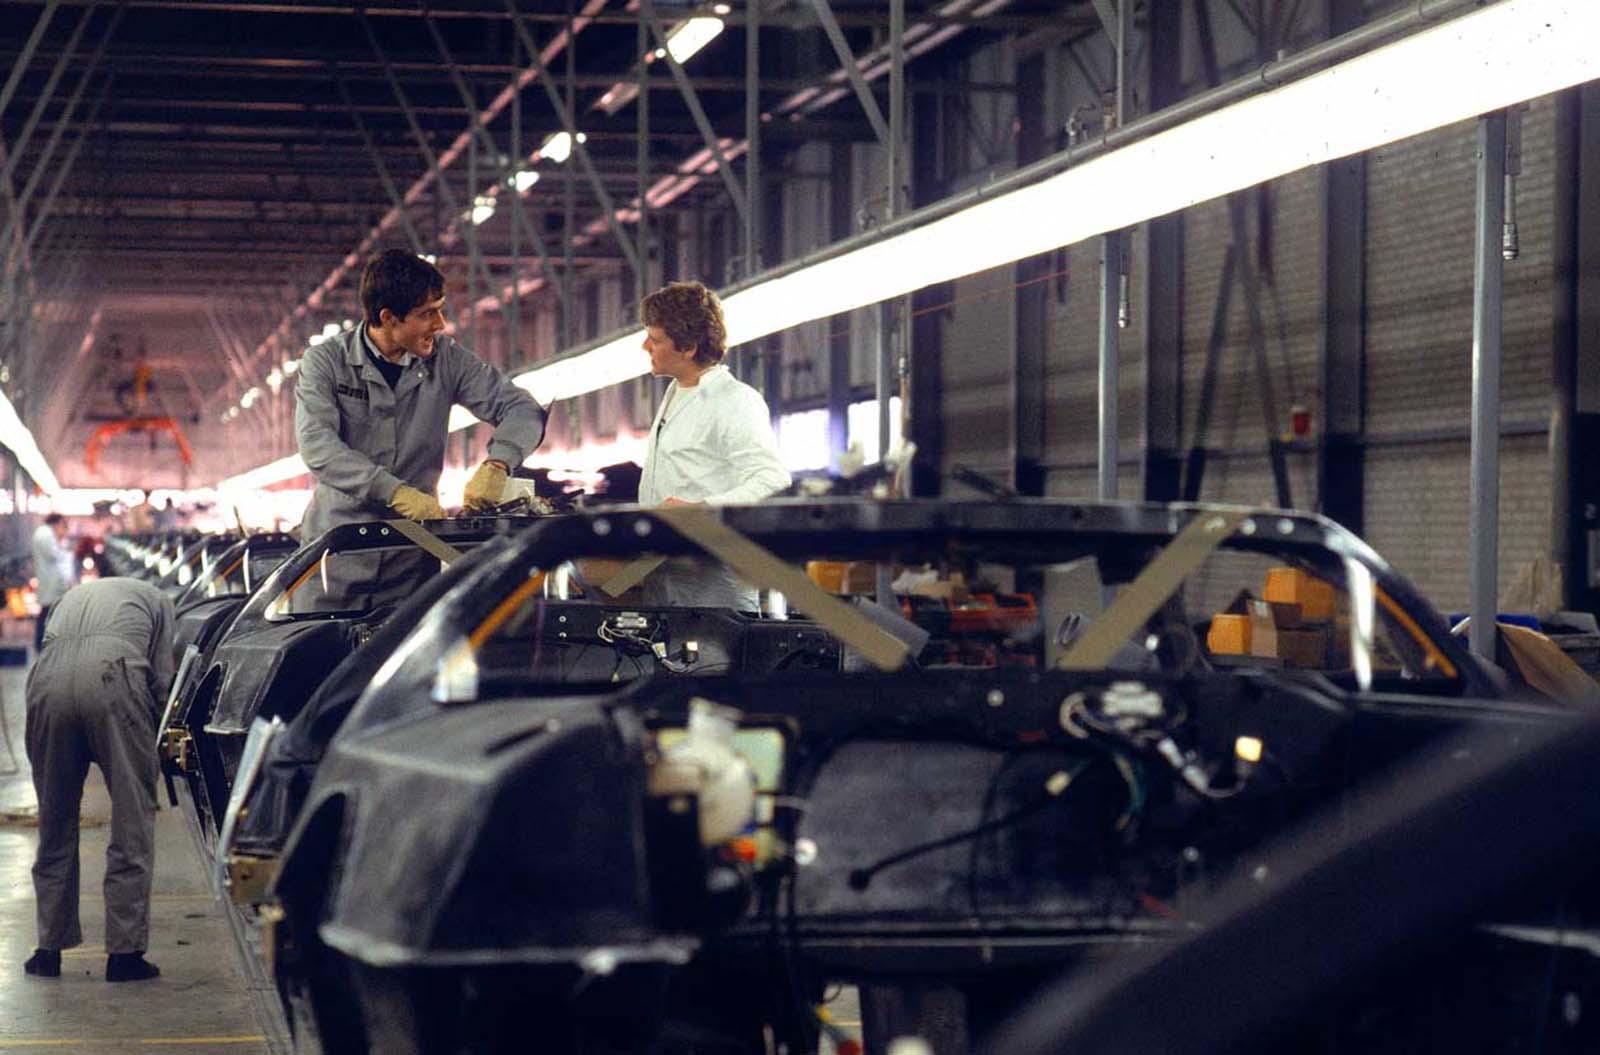 Workers at DeLorean Motors factory. 1981.